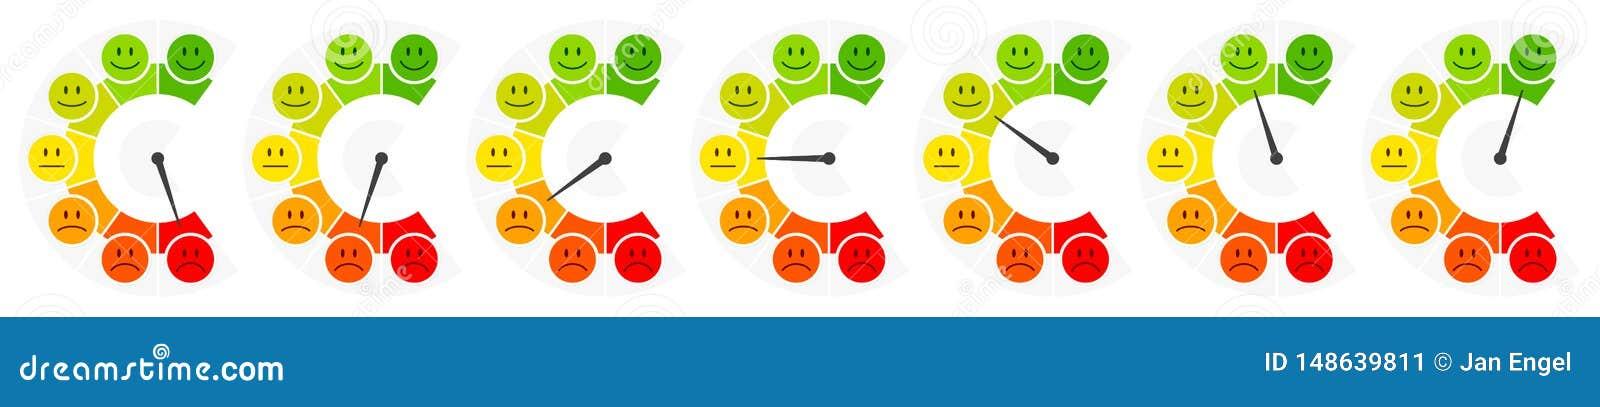 7 сторон красят вертикаль общественного мнения барометра